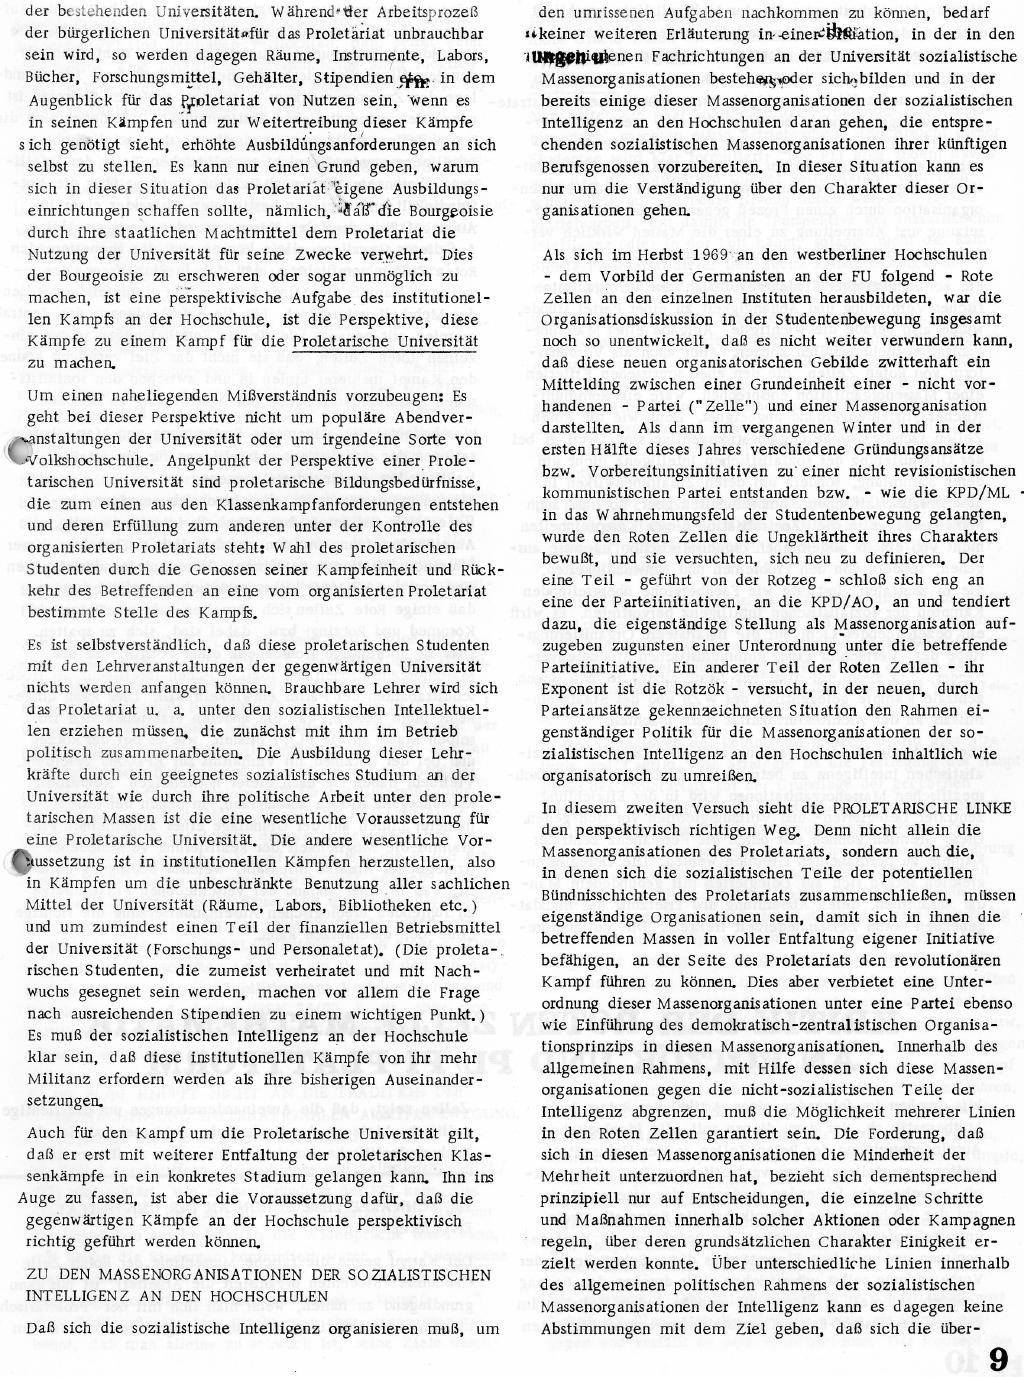 RPK_1970_084_09